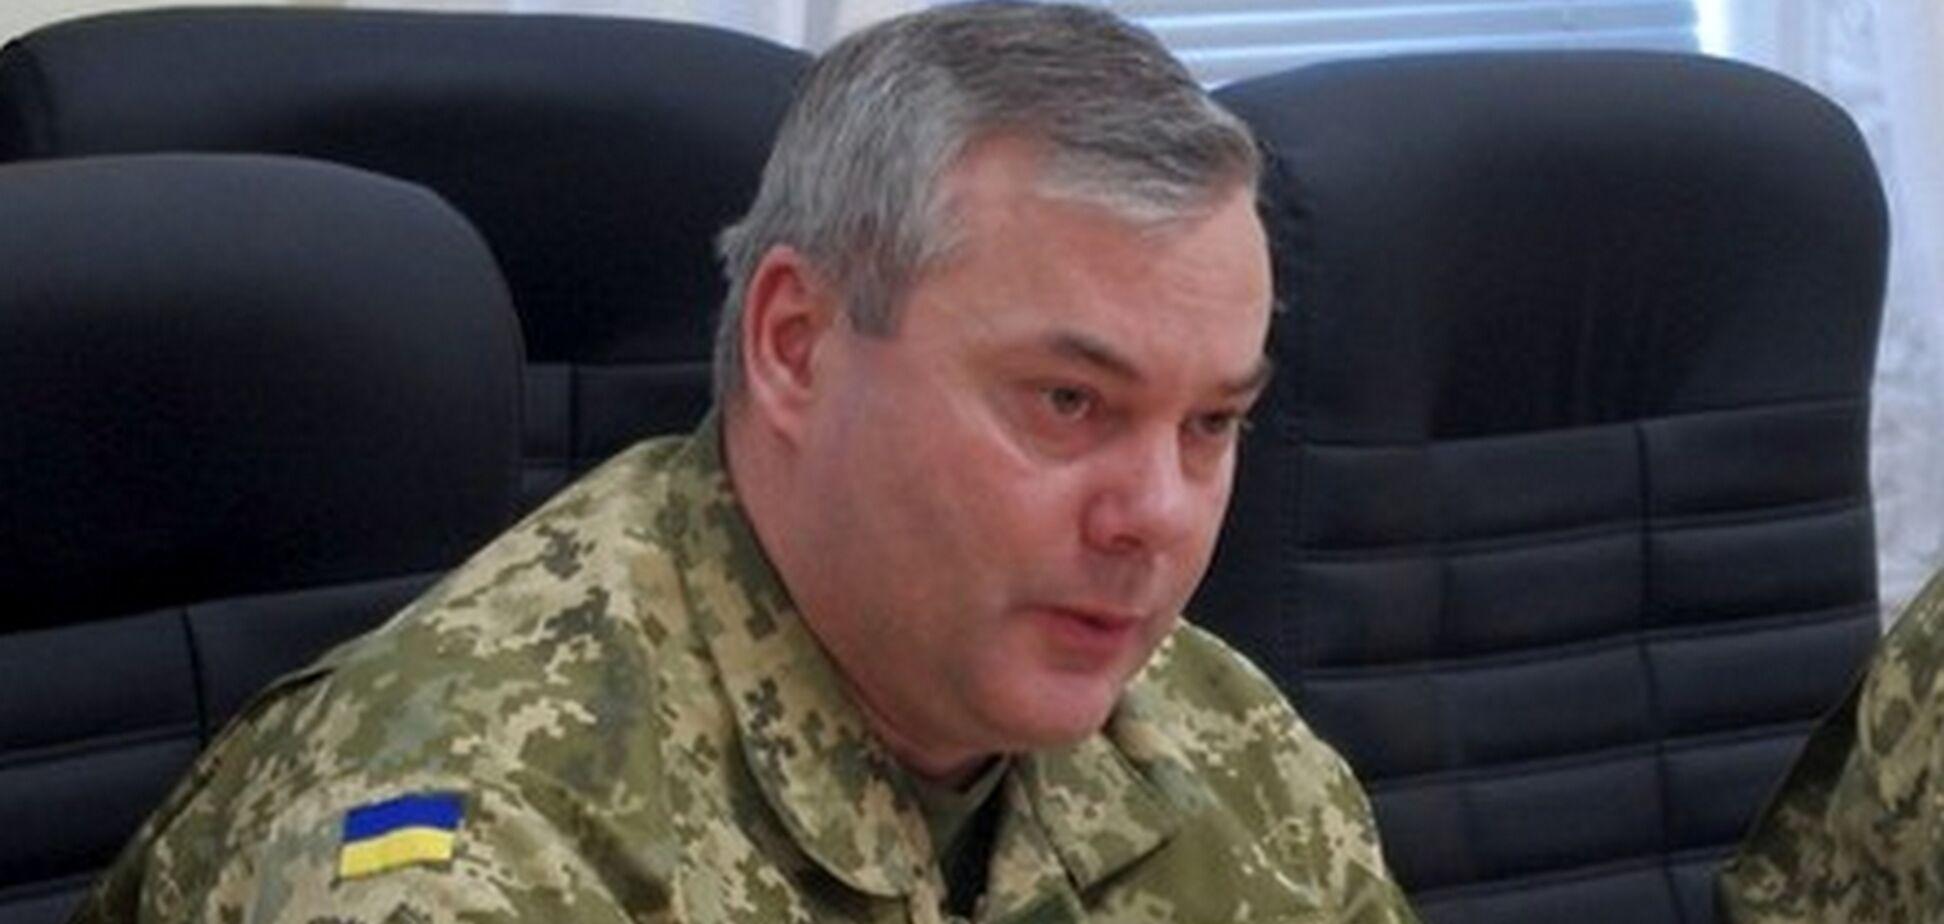 Україна готова дати відсіч: генерал розкрив плани ЗСУ щодо Донбасу